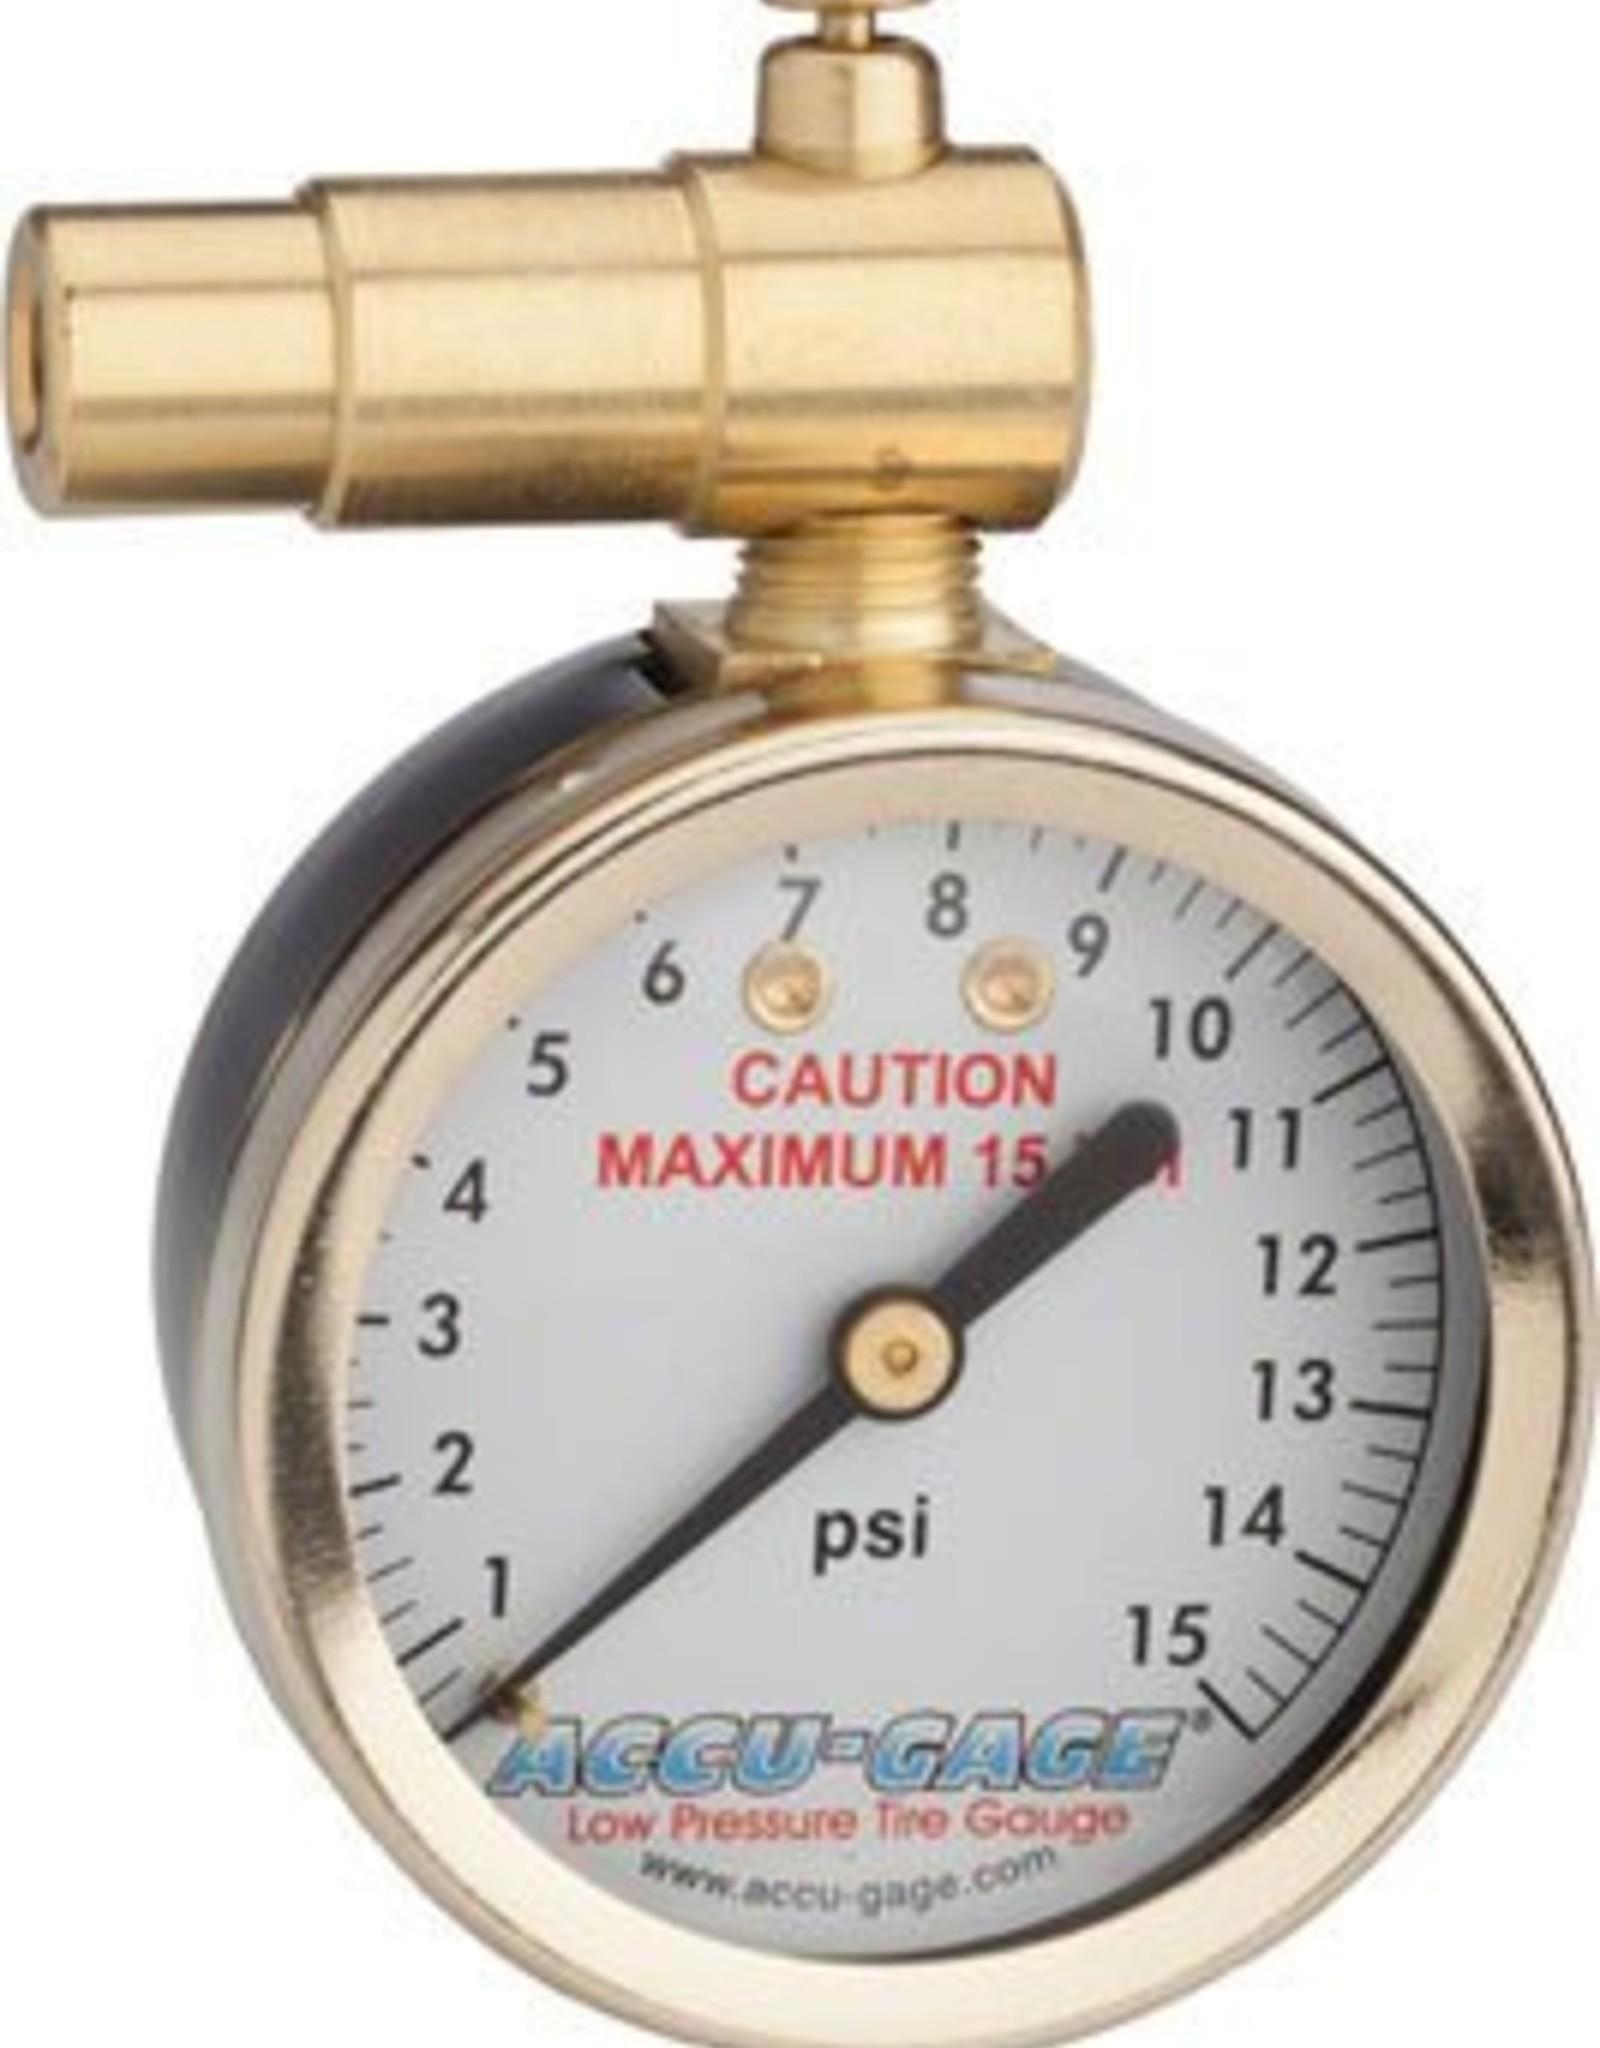 Meiser Meiser Presta-Valve Dial Gauge with Pressure Relief: 15psi